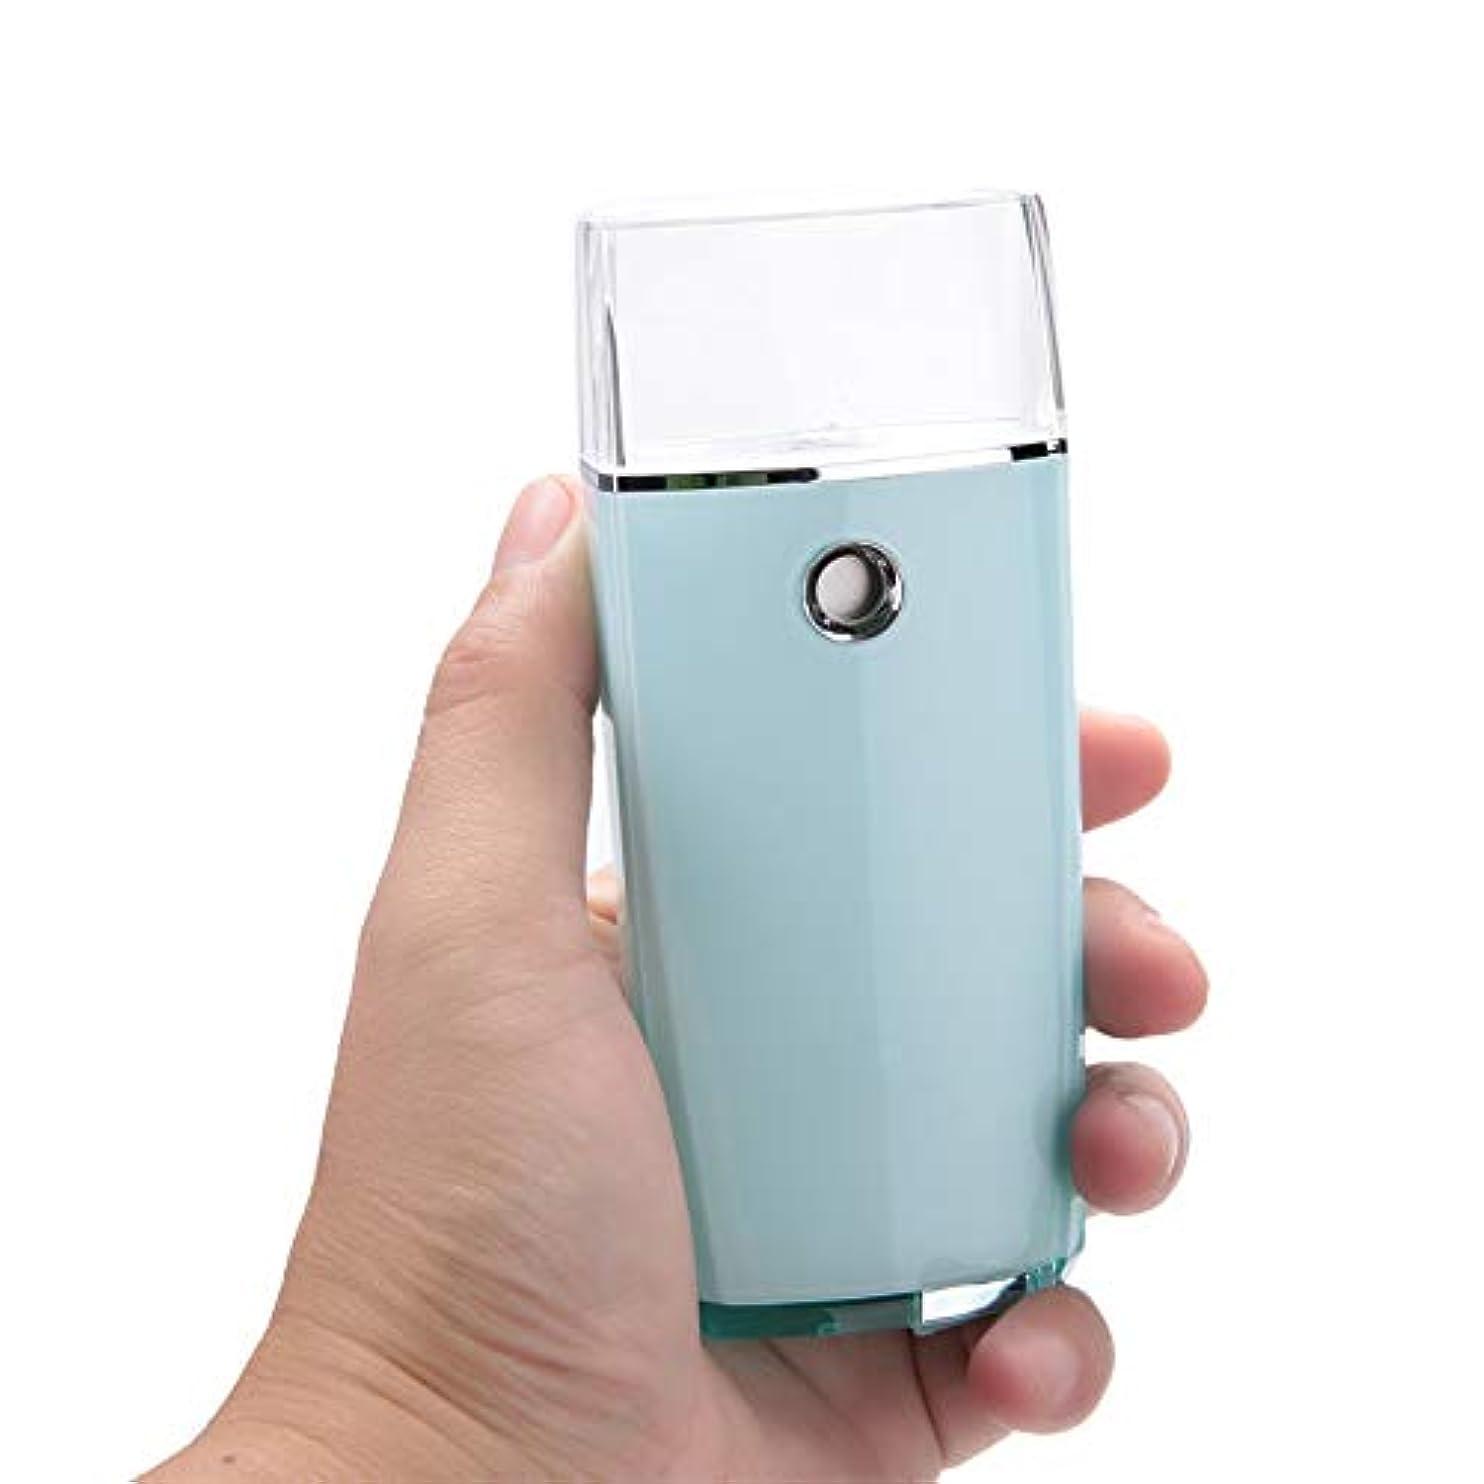 書士吐くランクフェイスミスト噴霧器、18mlナノミスト噴霧器ハンディアトマイゼーションマシンポータブルフェイスモイスチャライジングハイドレーションリフレッシュ、軽量(緑)